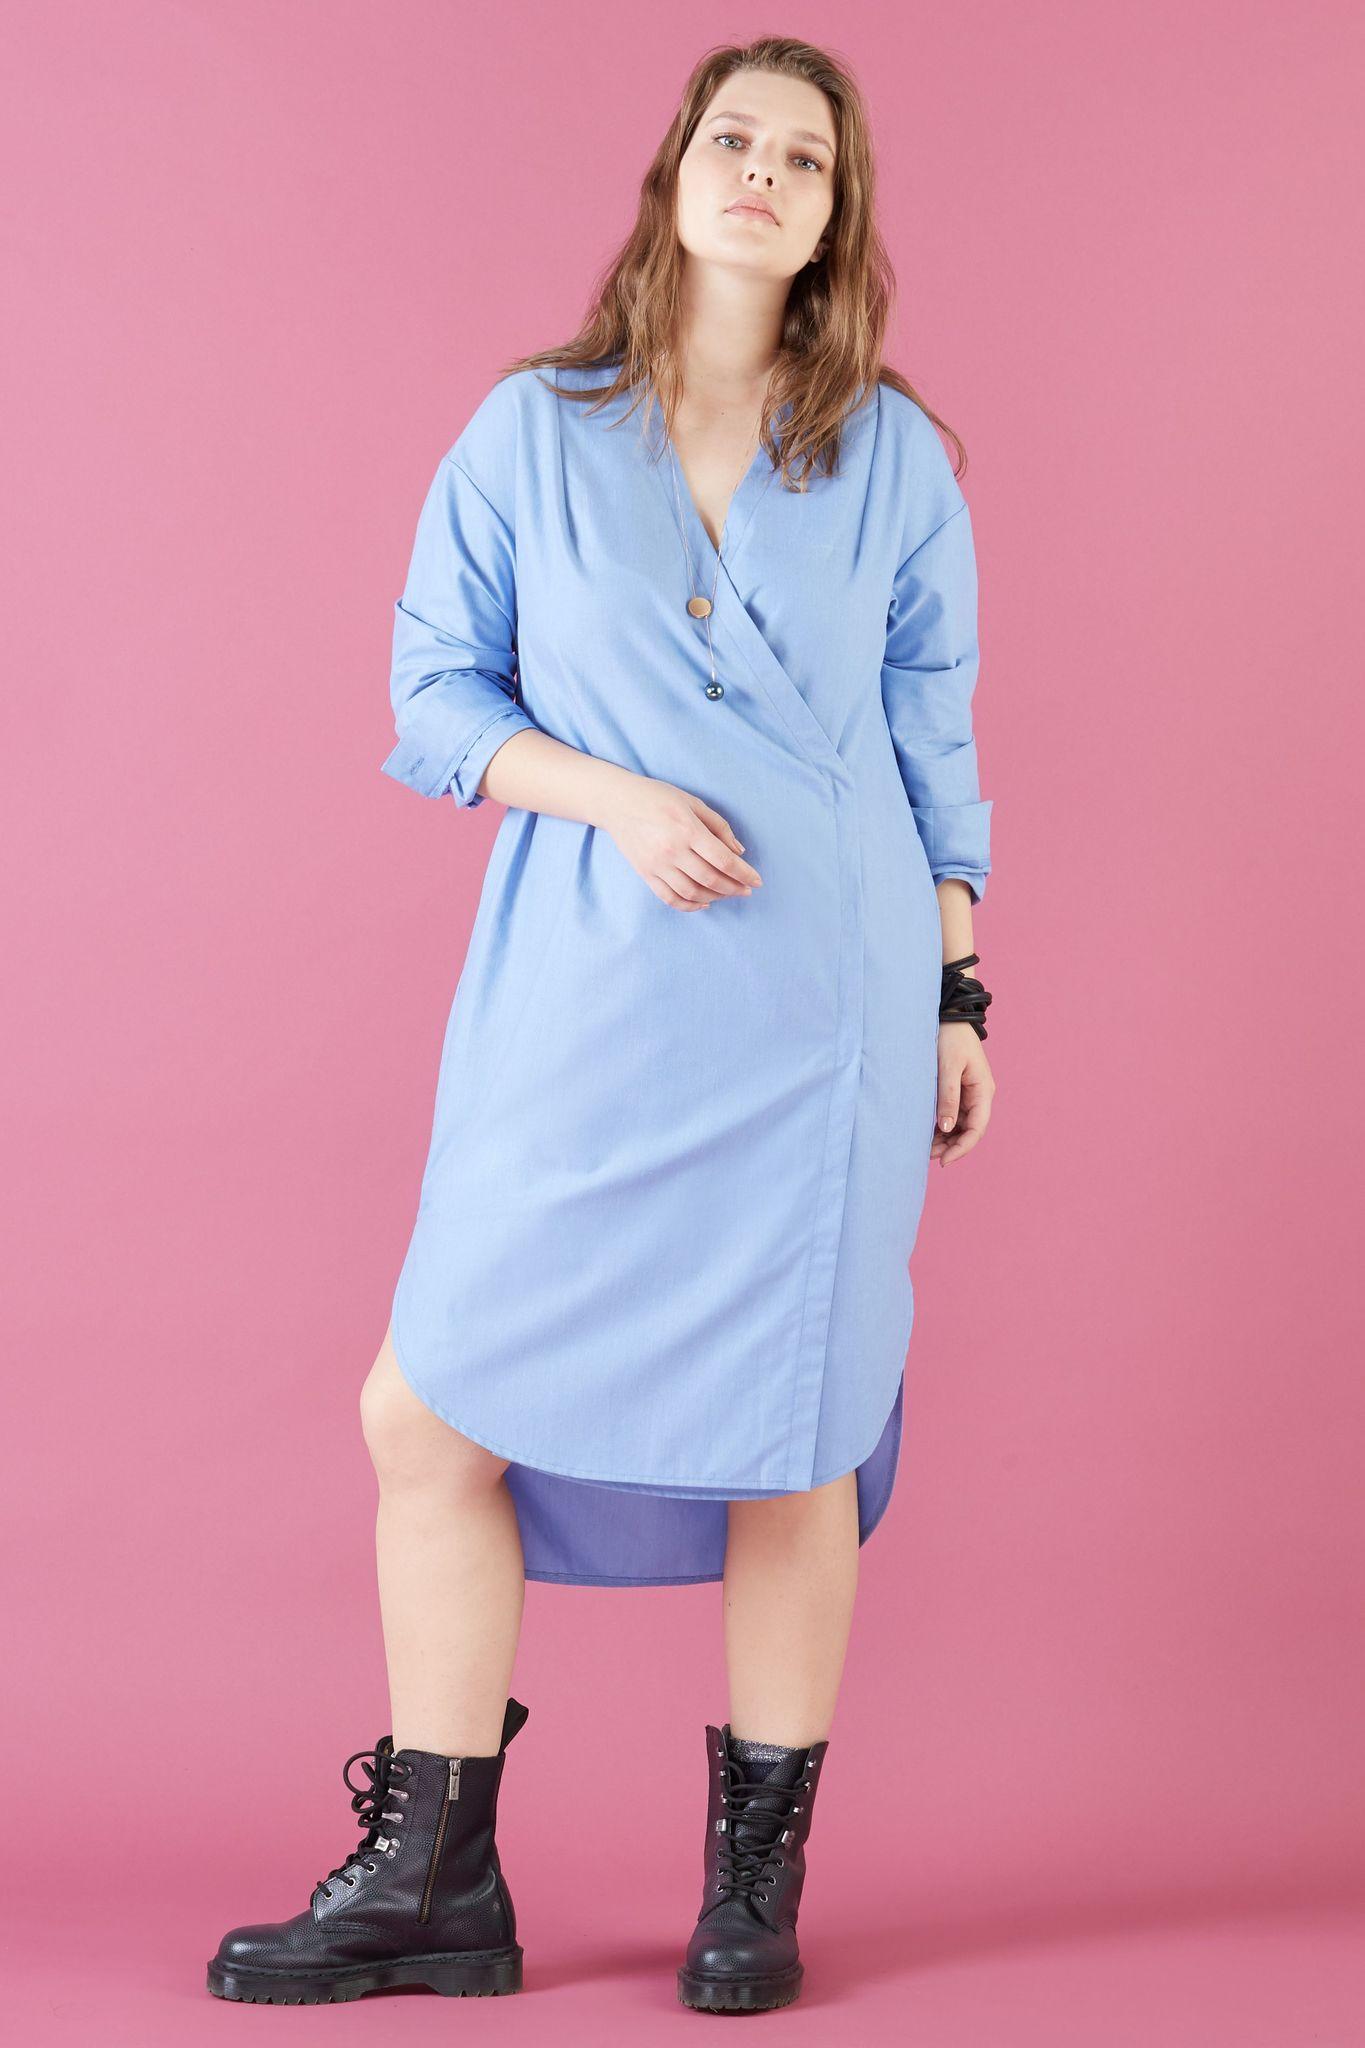 Платье LE-06 D03 41Платья<br>Нежное хлопковое платье-рубашка с запахом, изящным поясом и функциональными карманами,а также, длинным рукавом. Без пояса платье будет идеального прямого силуэта. Подходит для офиса и для прогулок. Рост модели на фото 178 см, размер 54 (российский)<br>